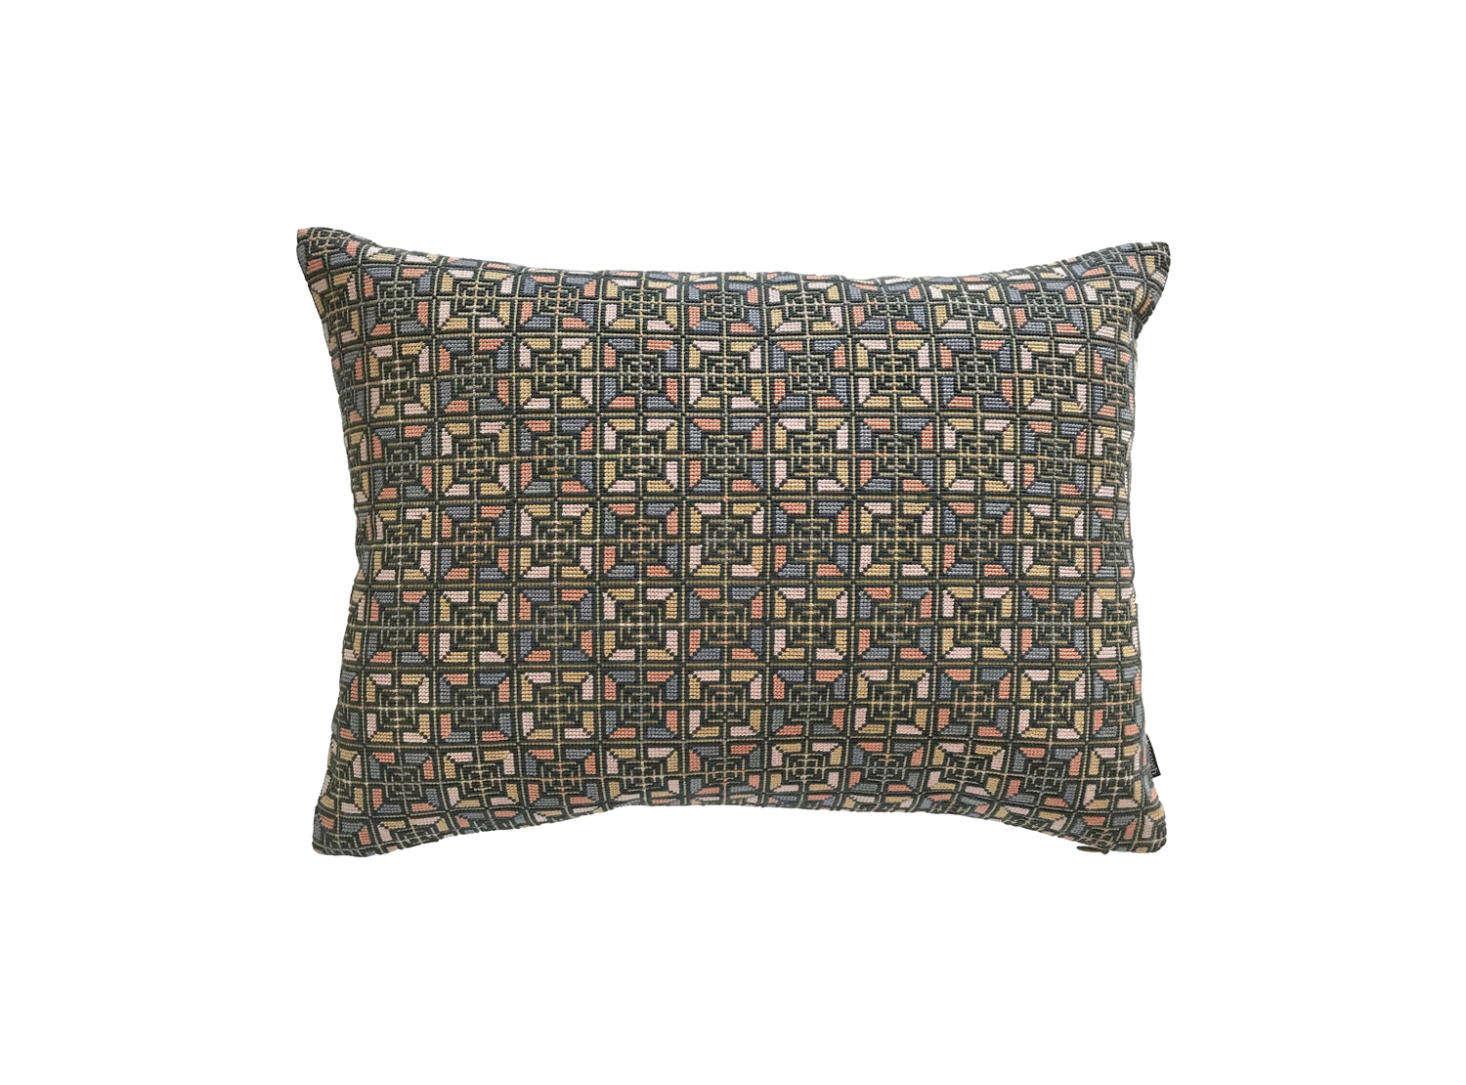 The Rana Pillow has a gray Italian linen back; $350.